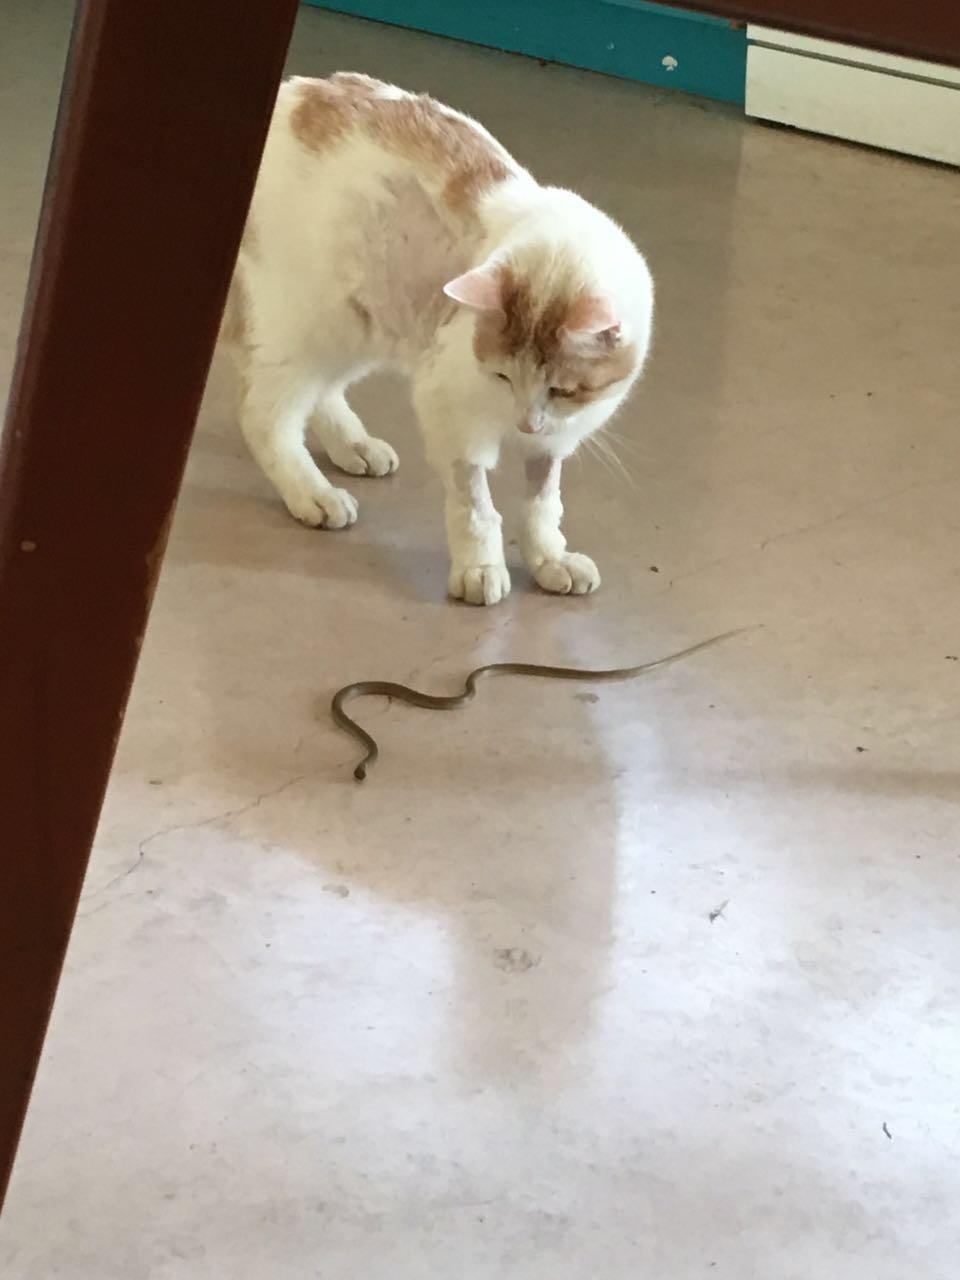 חתול שהתאושש מטיפול